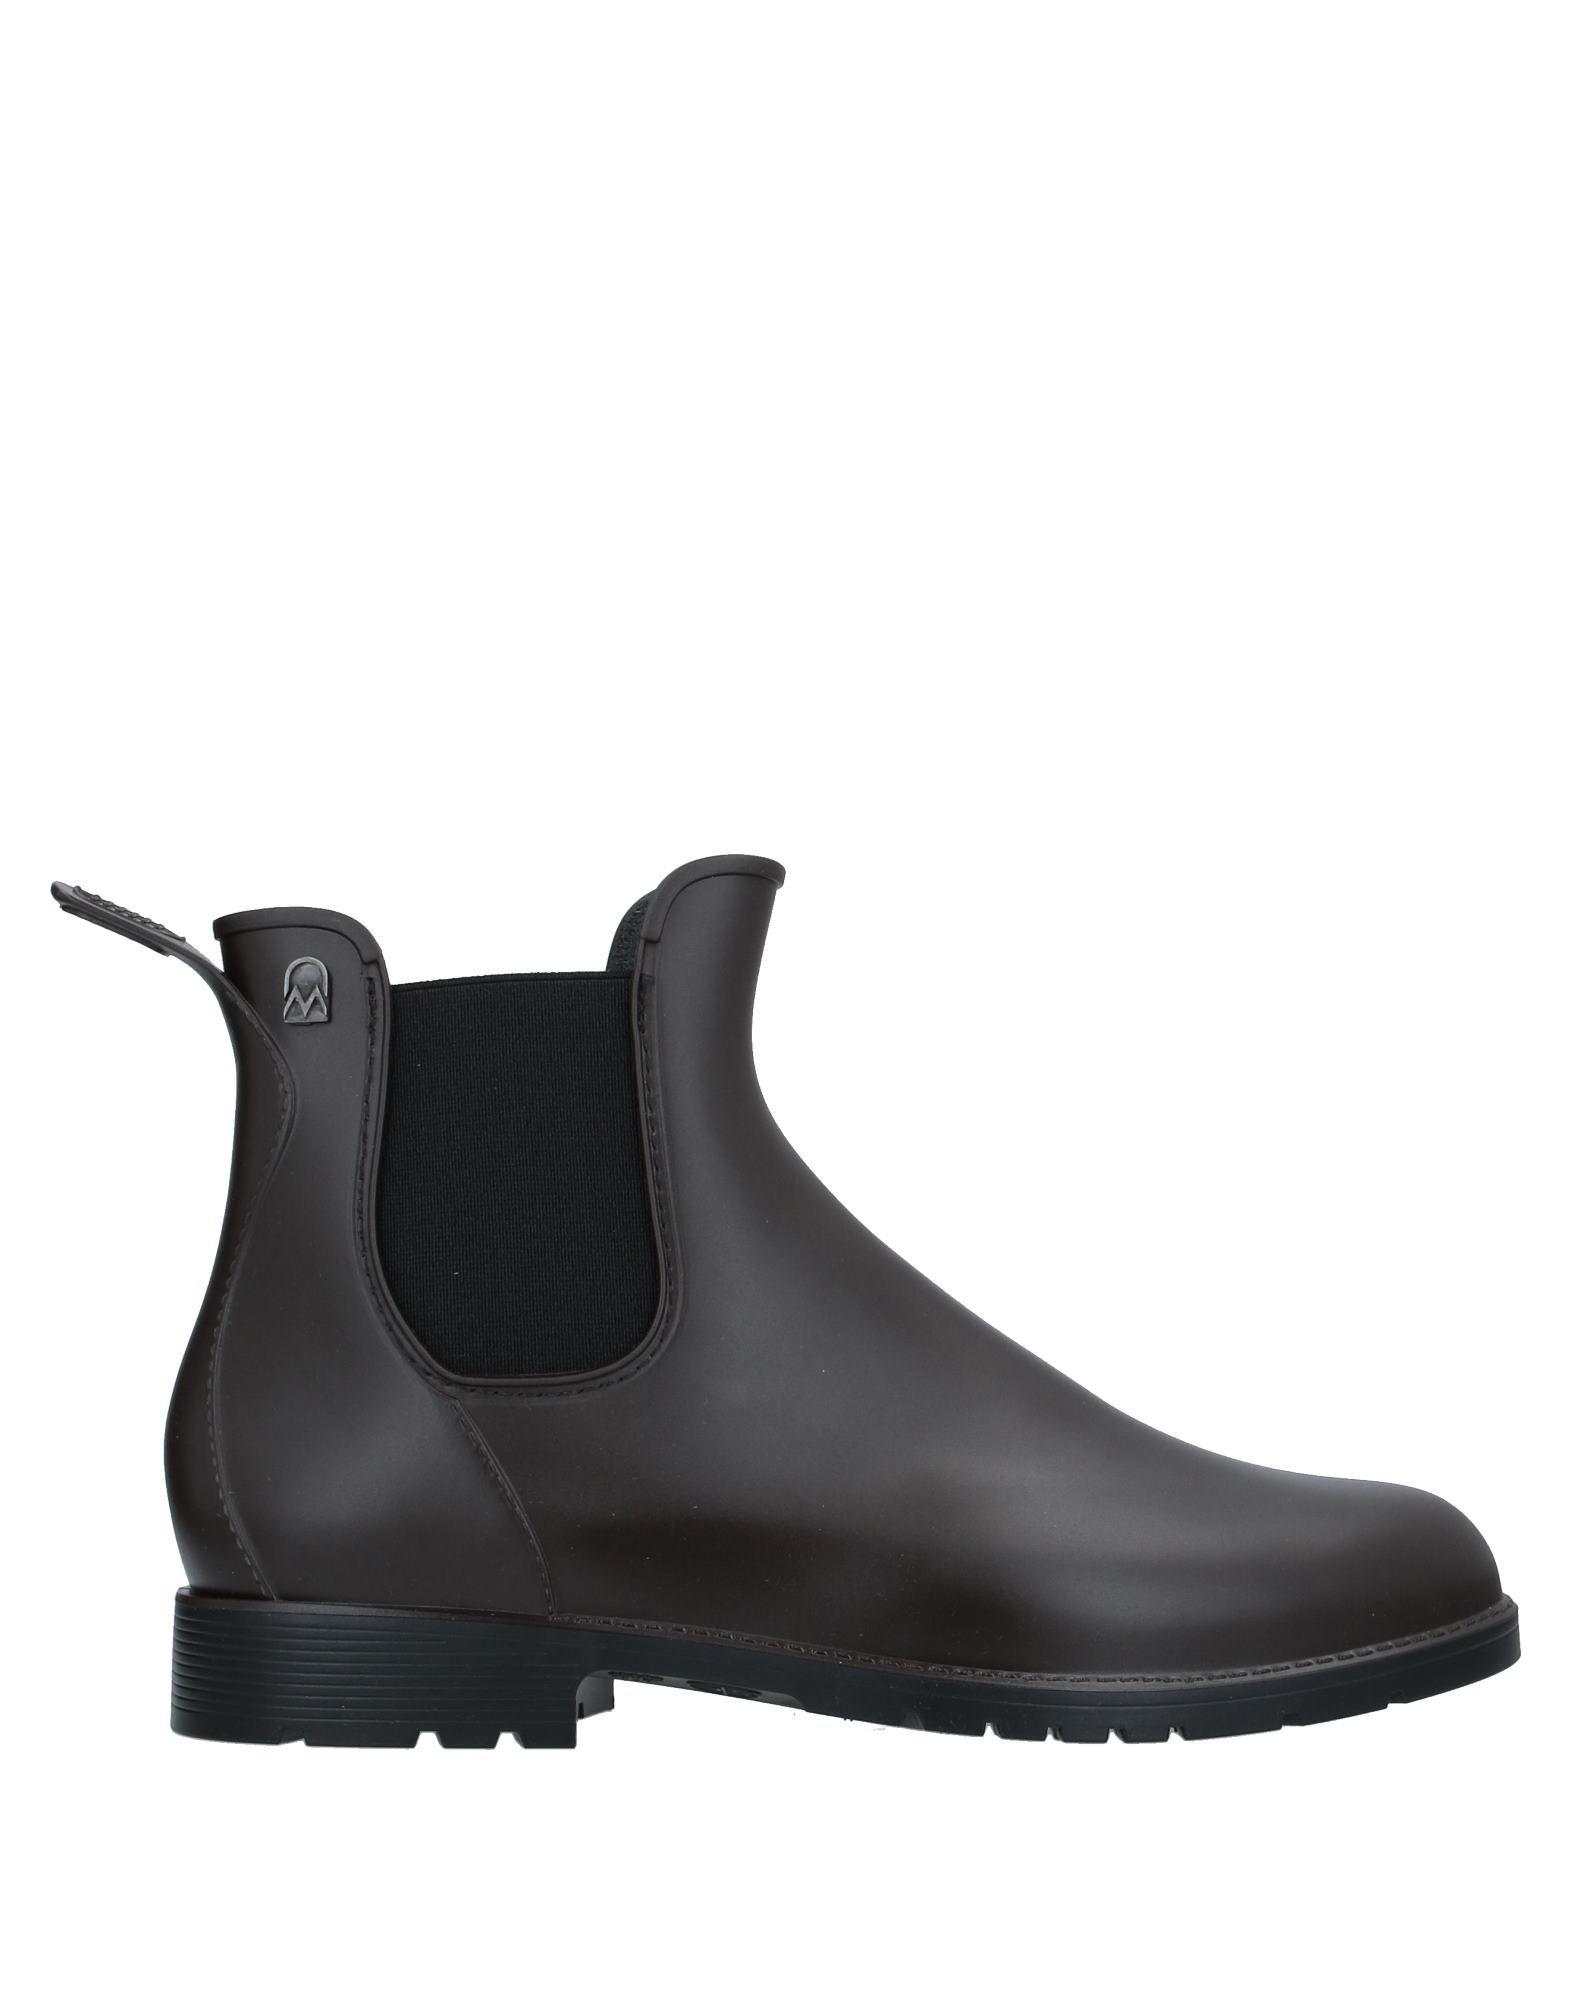 Фото - MÉDUSE Полусапоги и высокие ботинки opp france полусапоги и высокие ботинки